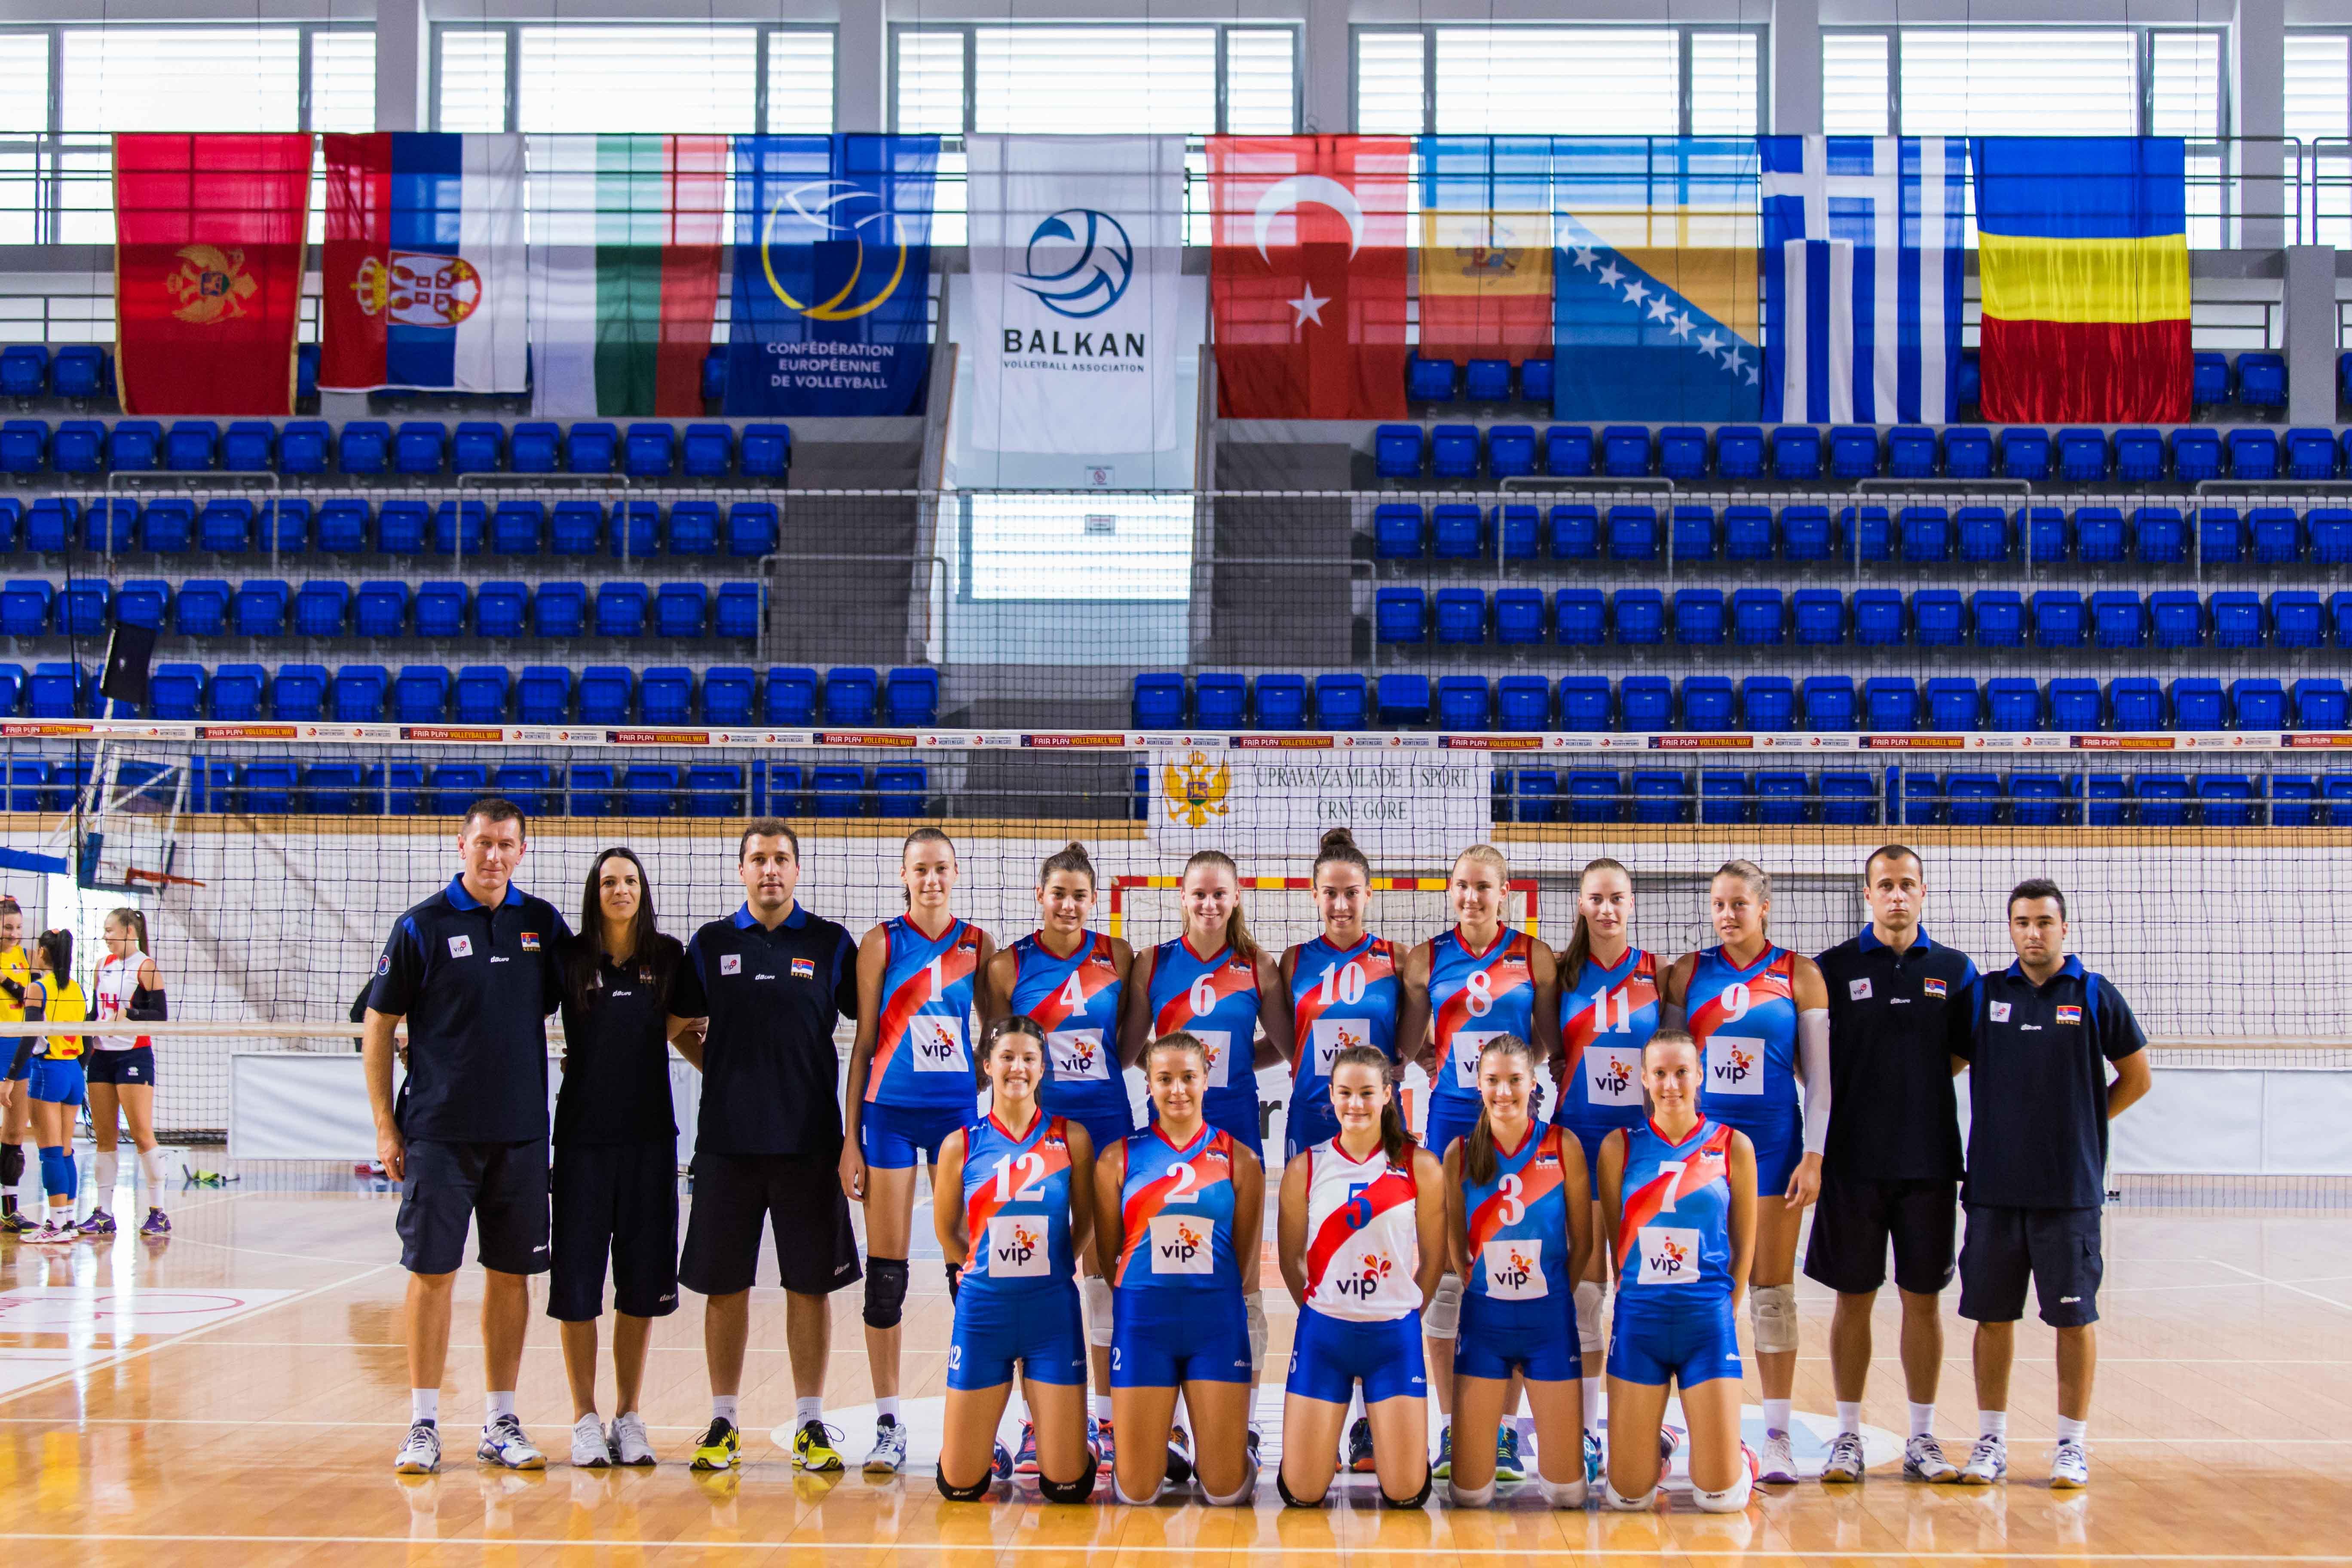 team photo Serbia